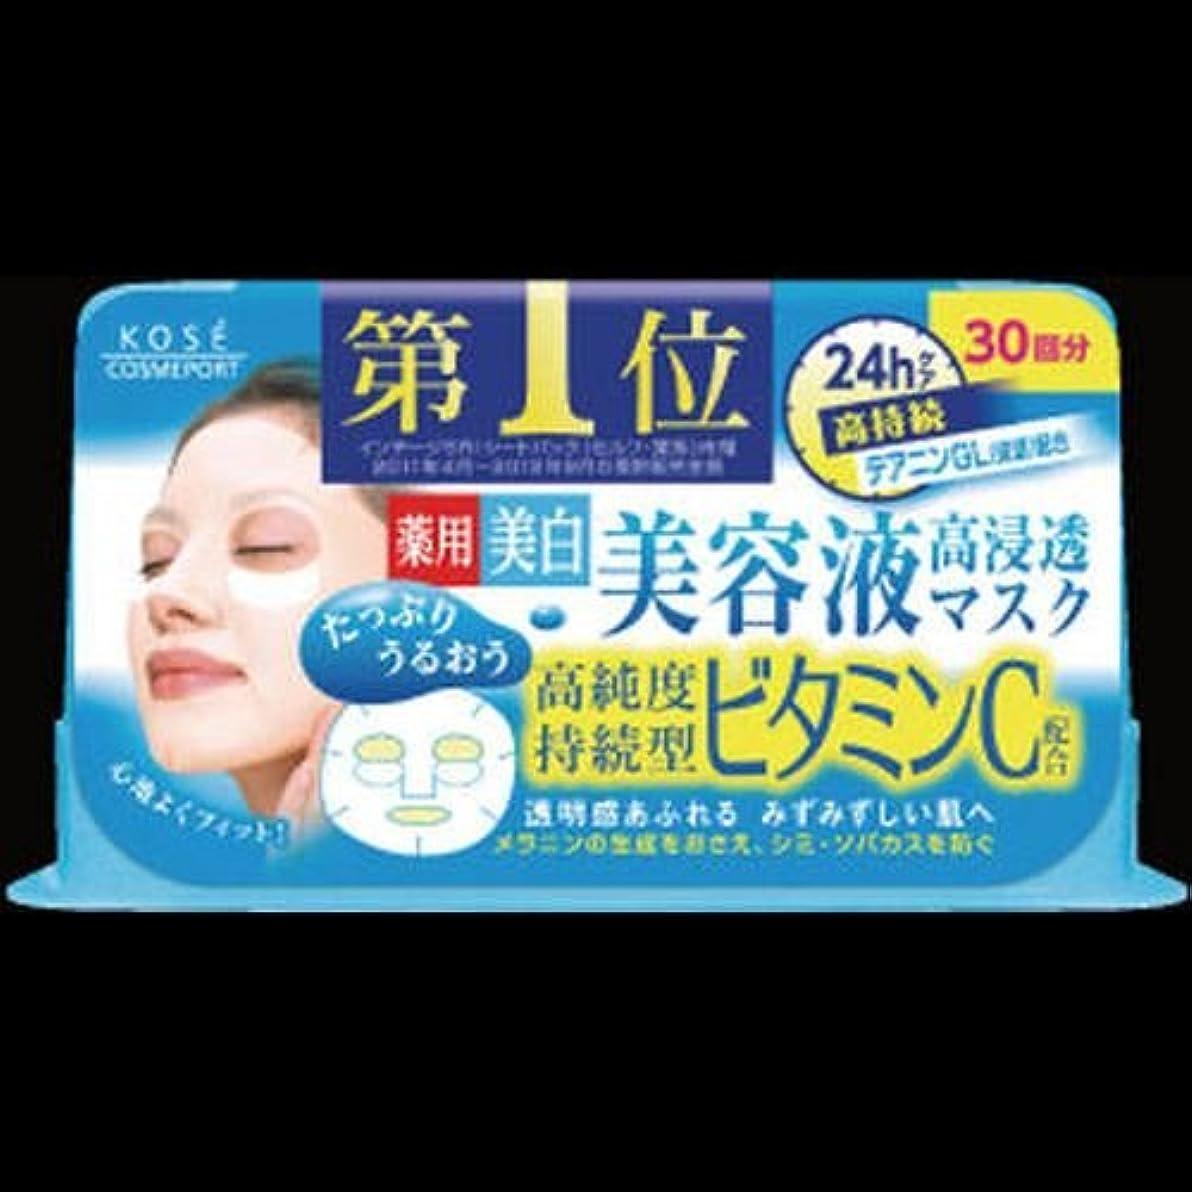 クリアターン VC エッセンスマスク (ビタミンC) ×2セット